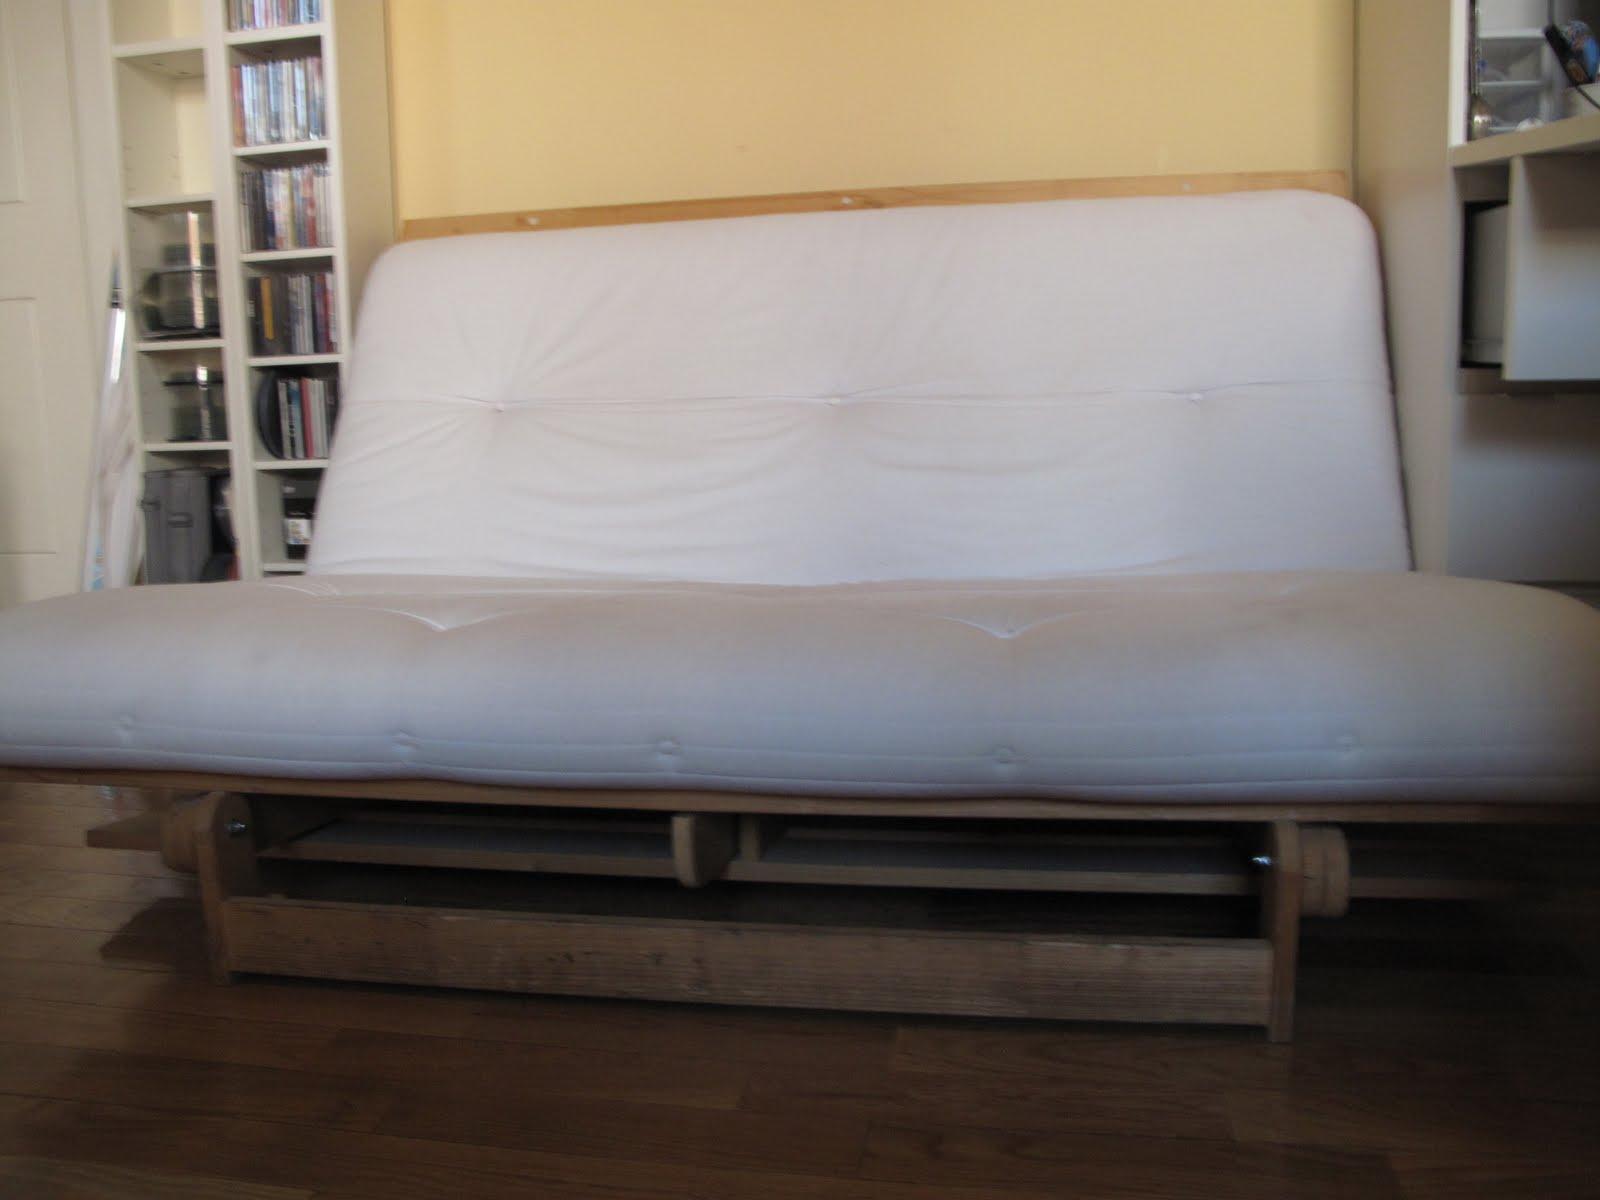 Venta de muebles en madrid sofa cama - Comprar sofa cama madrid ...